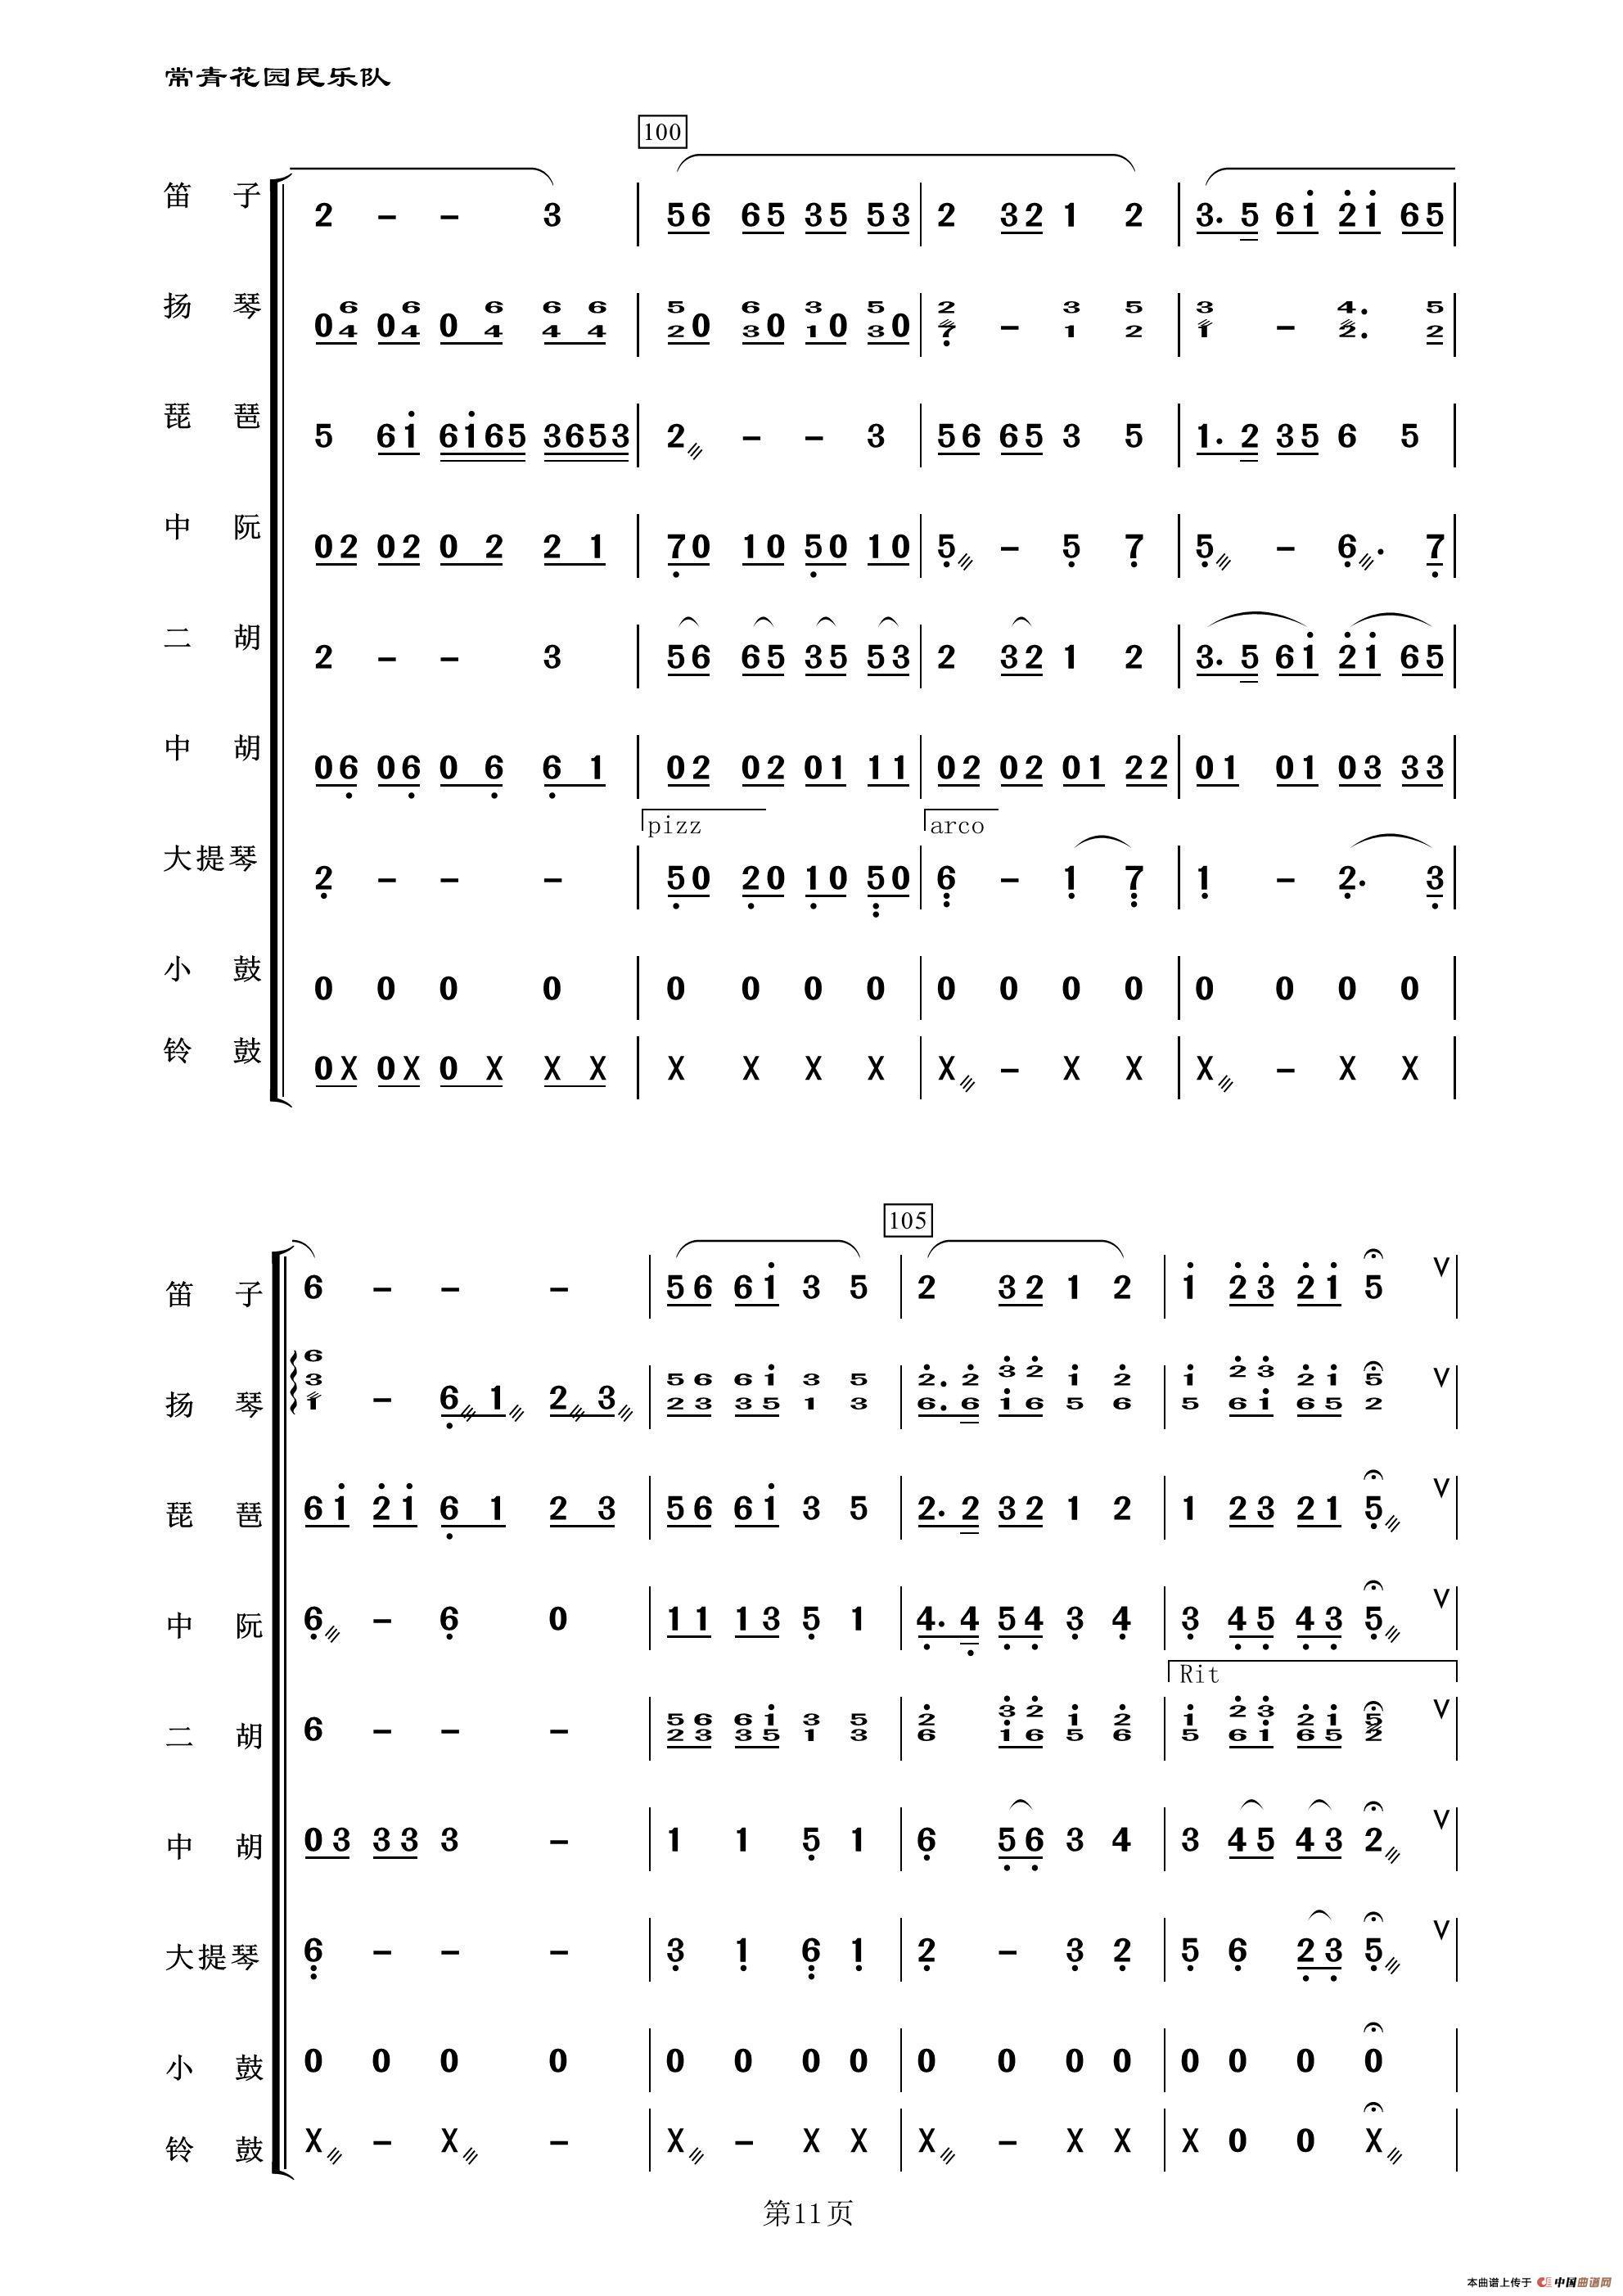 绣荷包简谱 民乐合奏总谱 常青老柏个人制谱园地 中国曲谱网